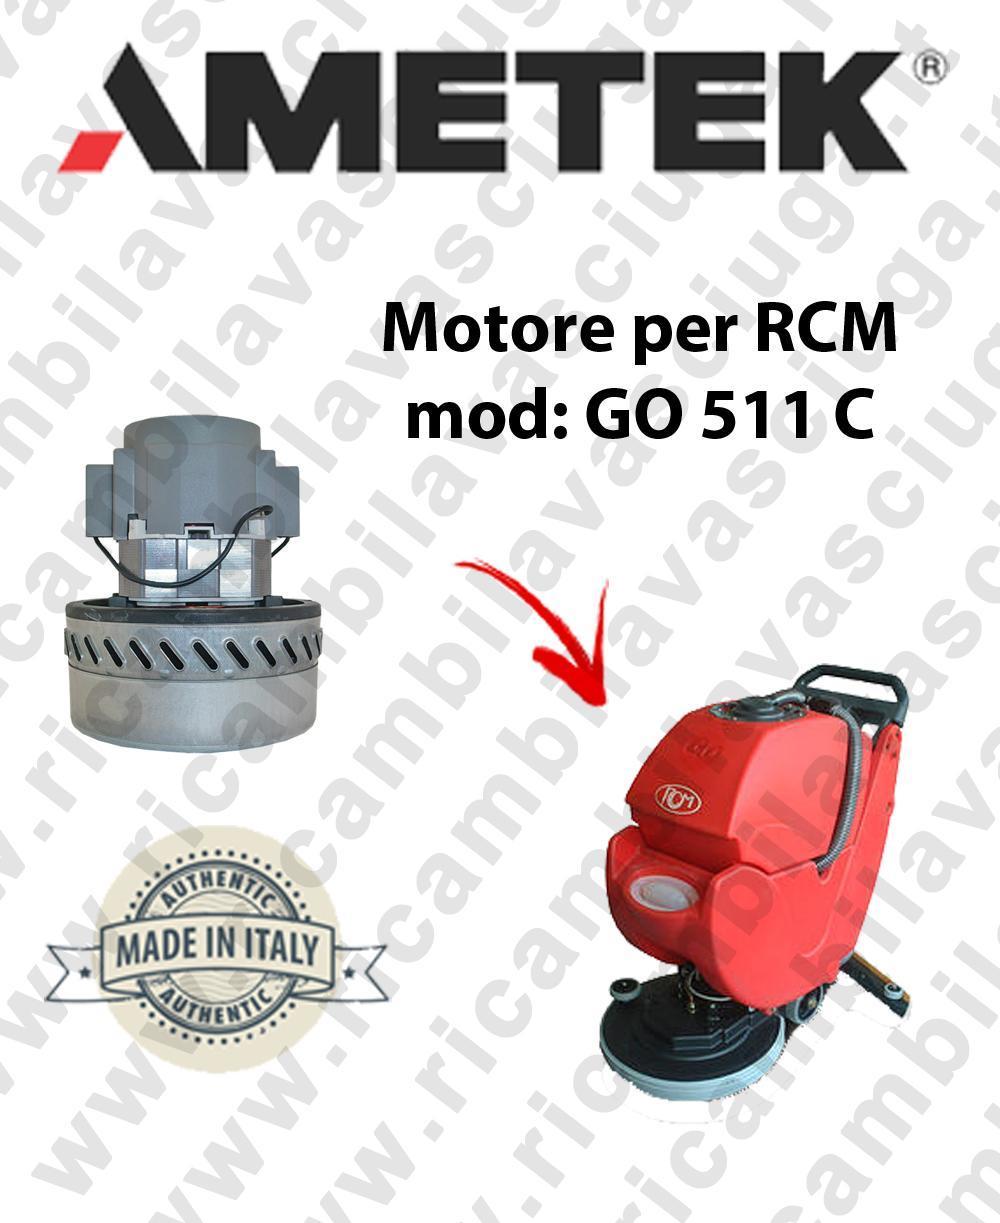 GO 511 C MOTEUR ASPIRATION AMETEK autolaveuses RCM